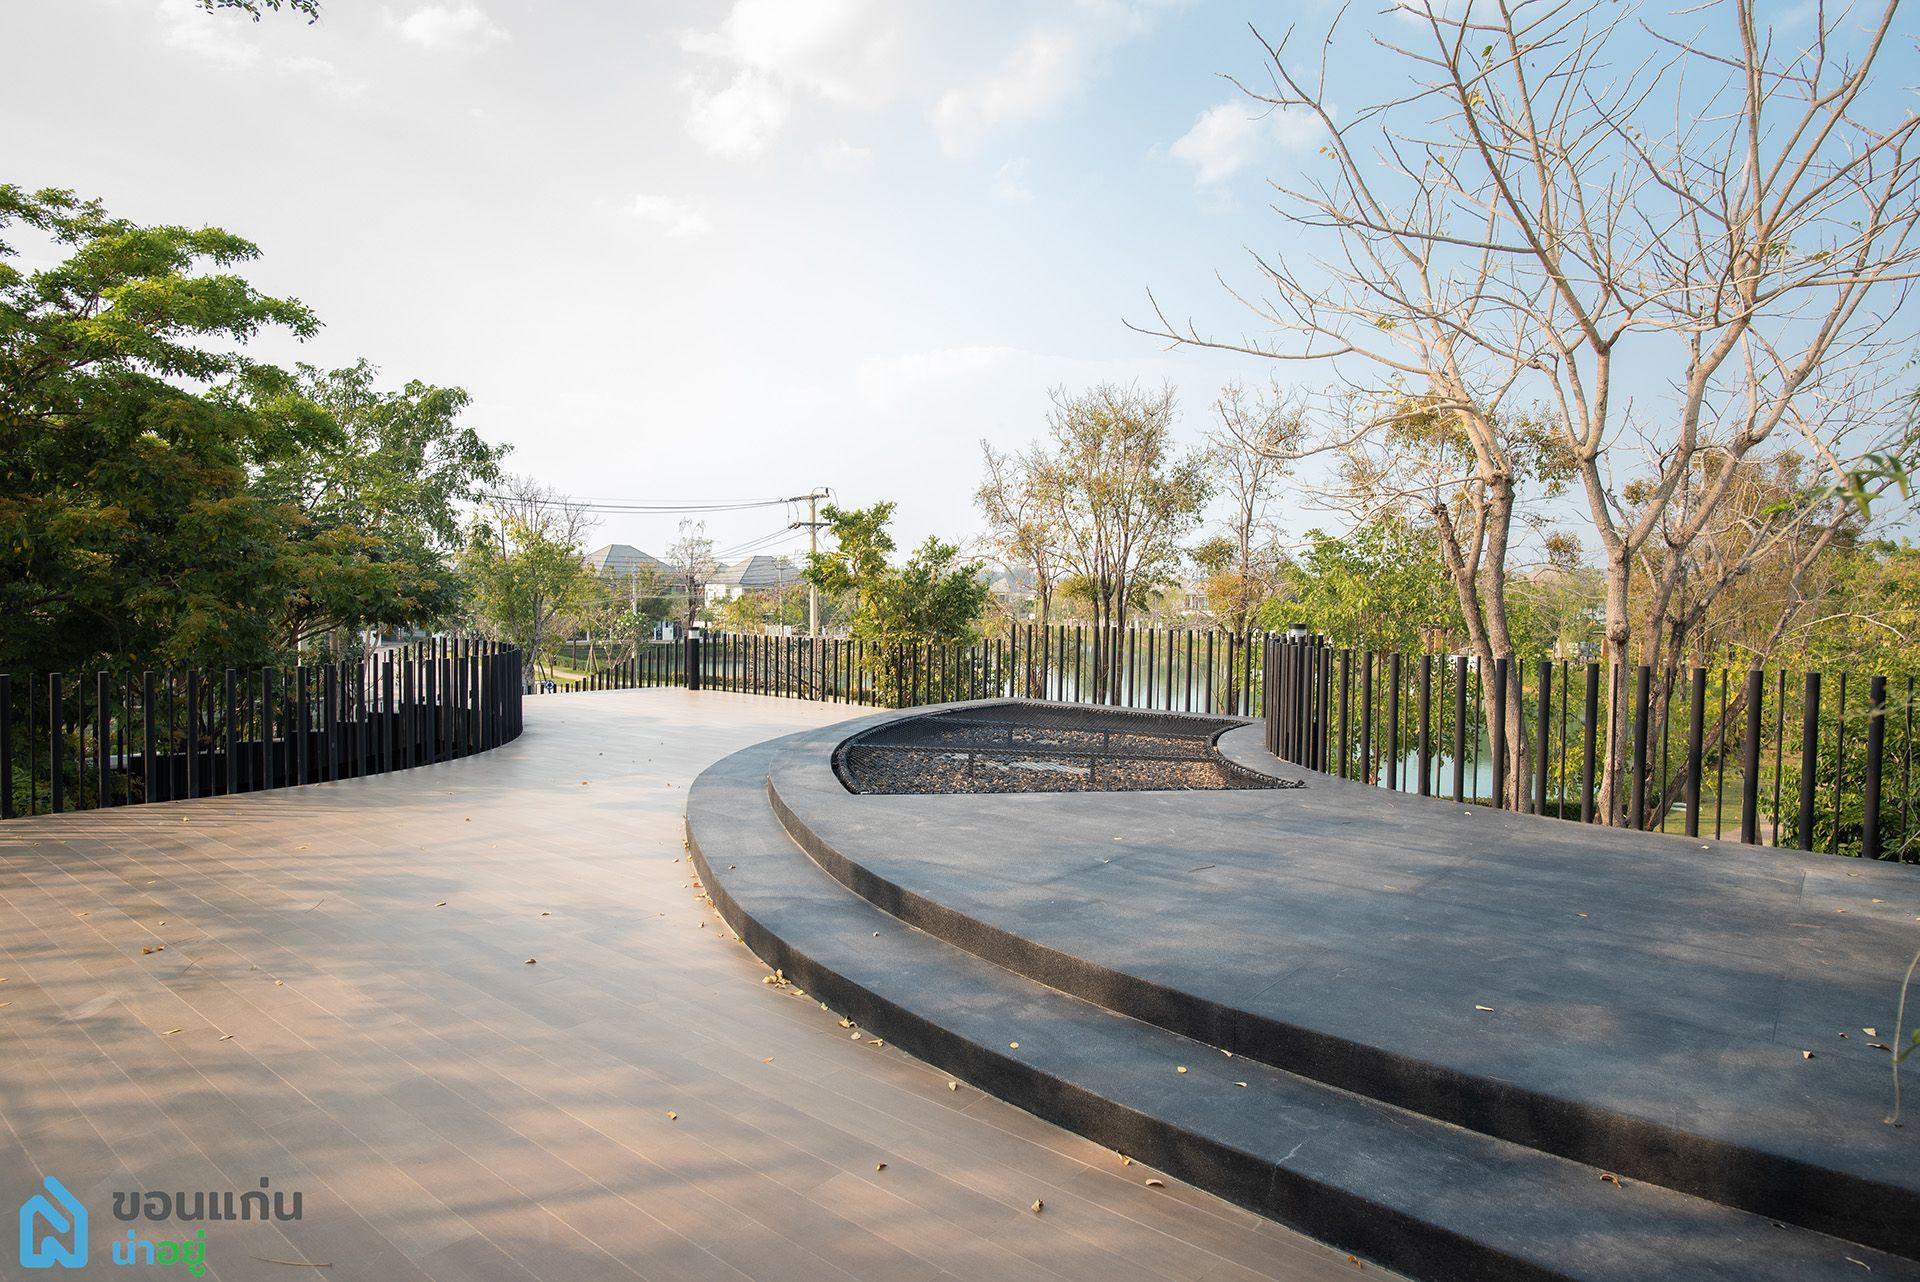 สวนลอยฟ้า Klever Park